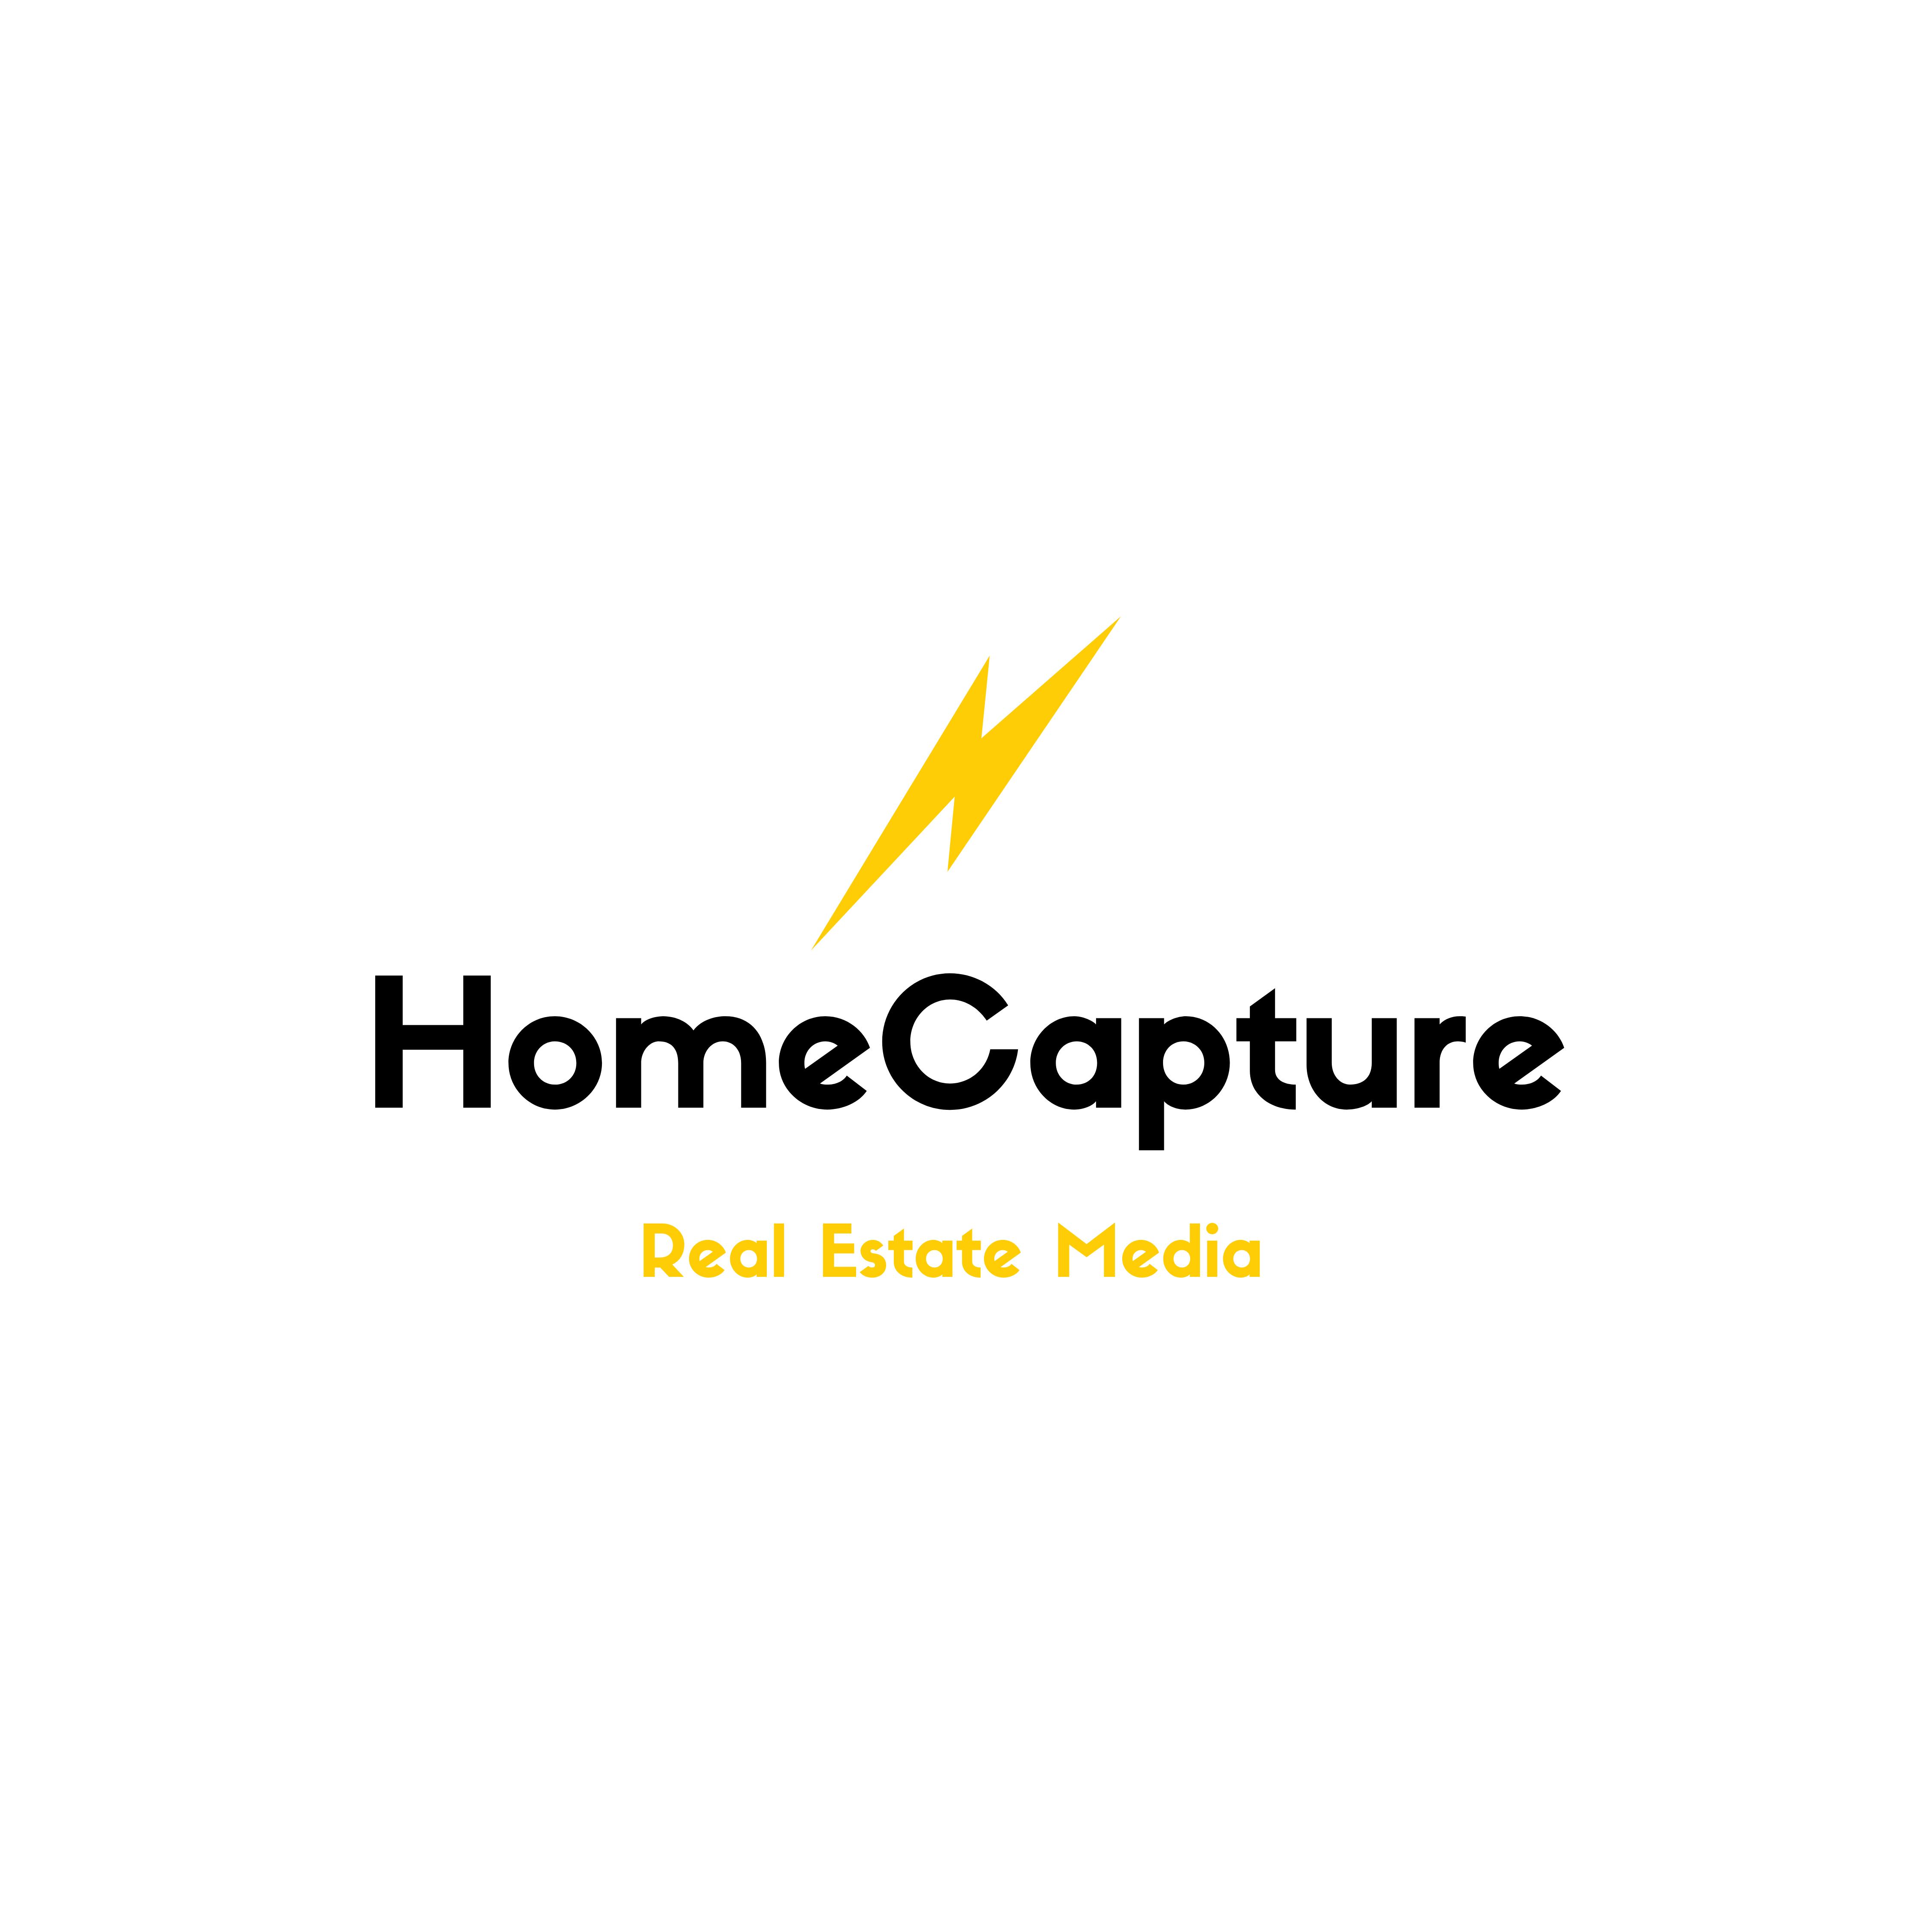 Home Capture Real Estate Media floor plan in Phoenix